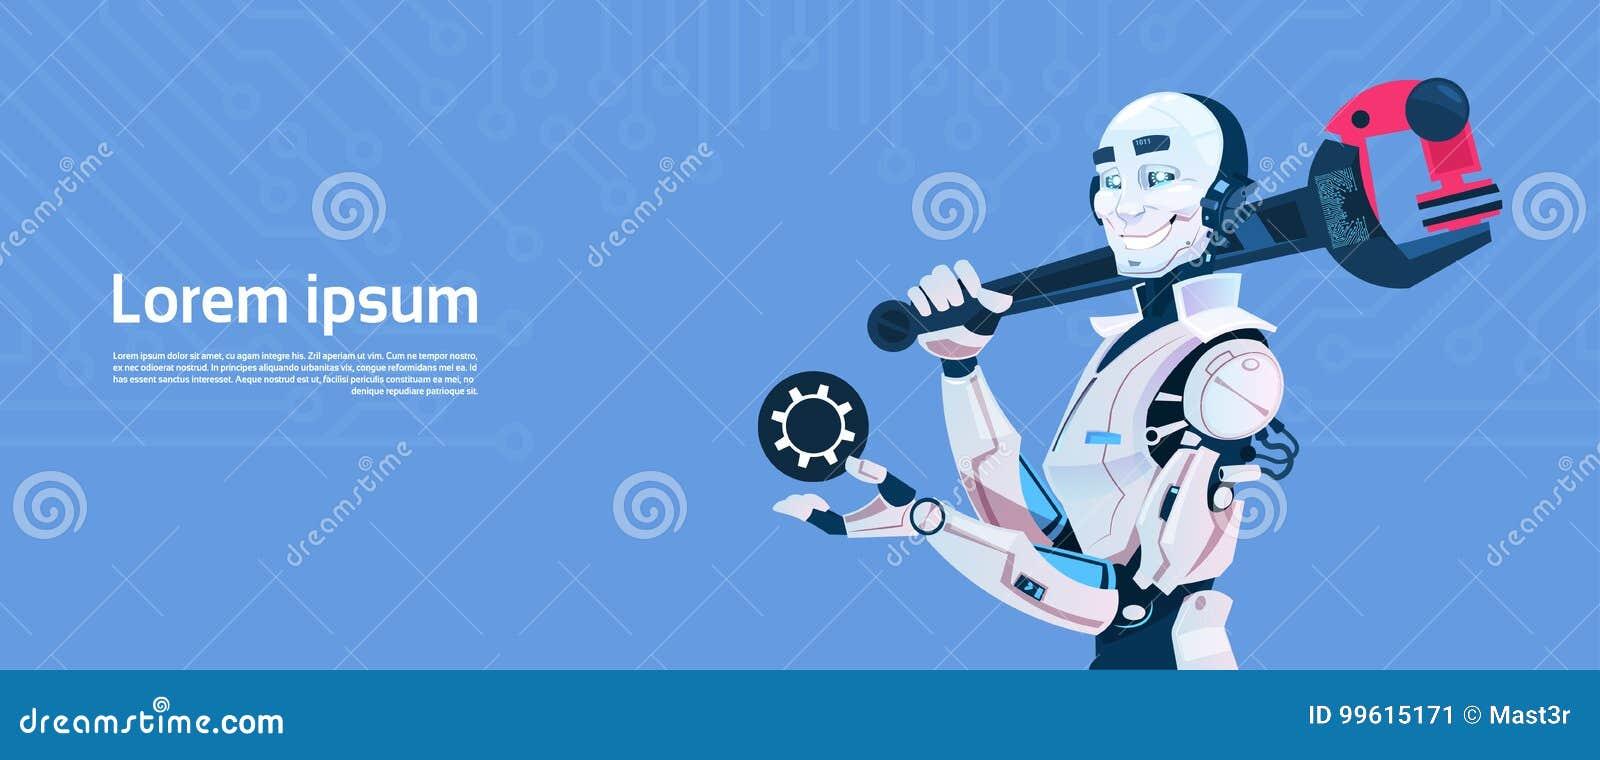 De moderne Moersleutel van de de Greepmoersleutel van de Robotgreep, de Futuristische Technologie van het Kunstmatige intelligent